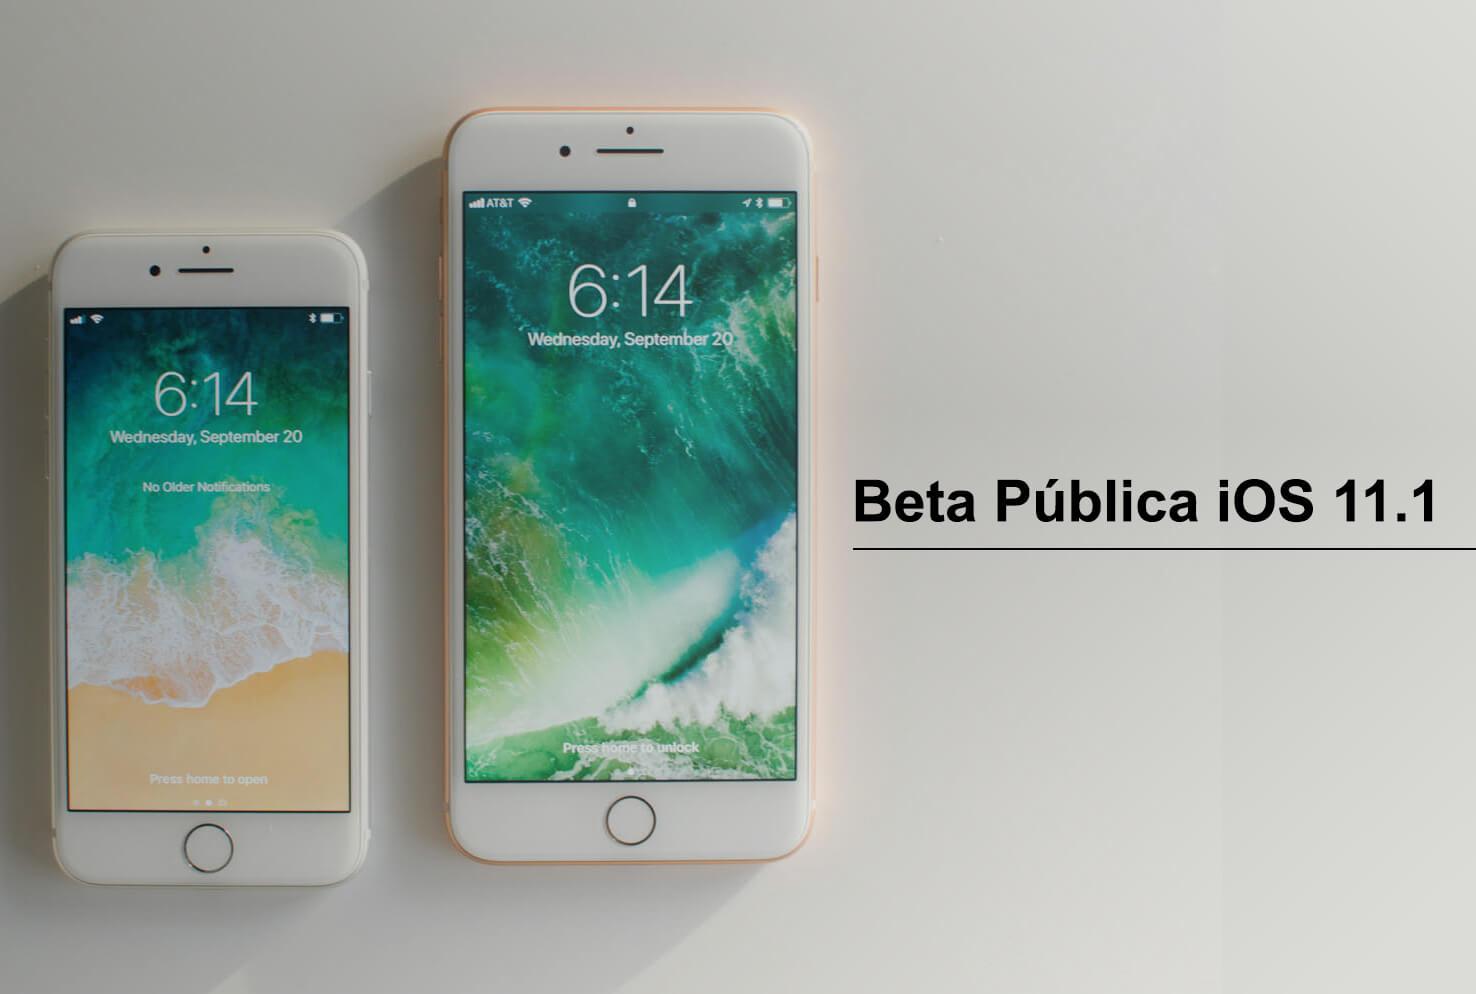 Beta Pública iOS 11.1